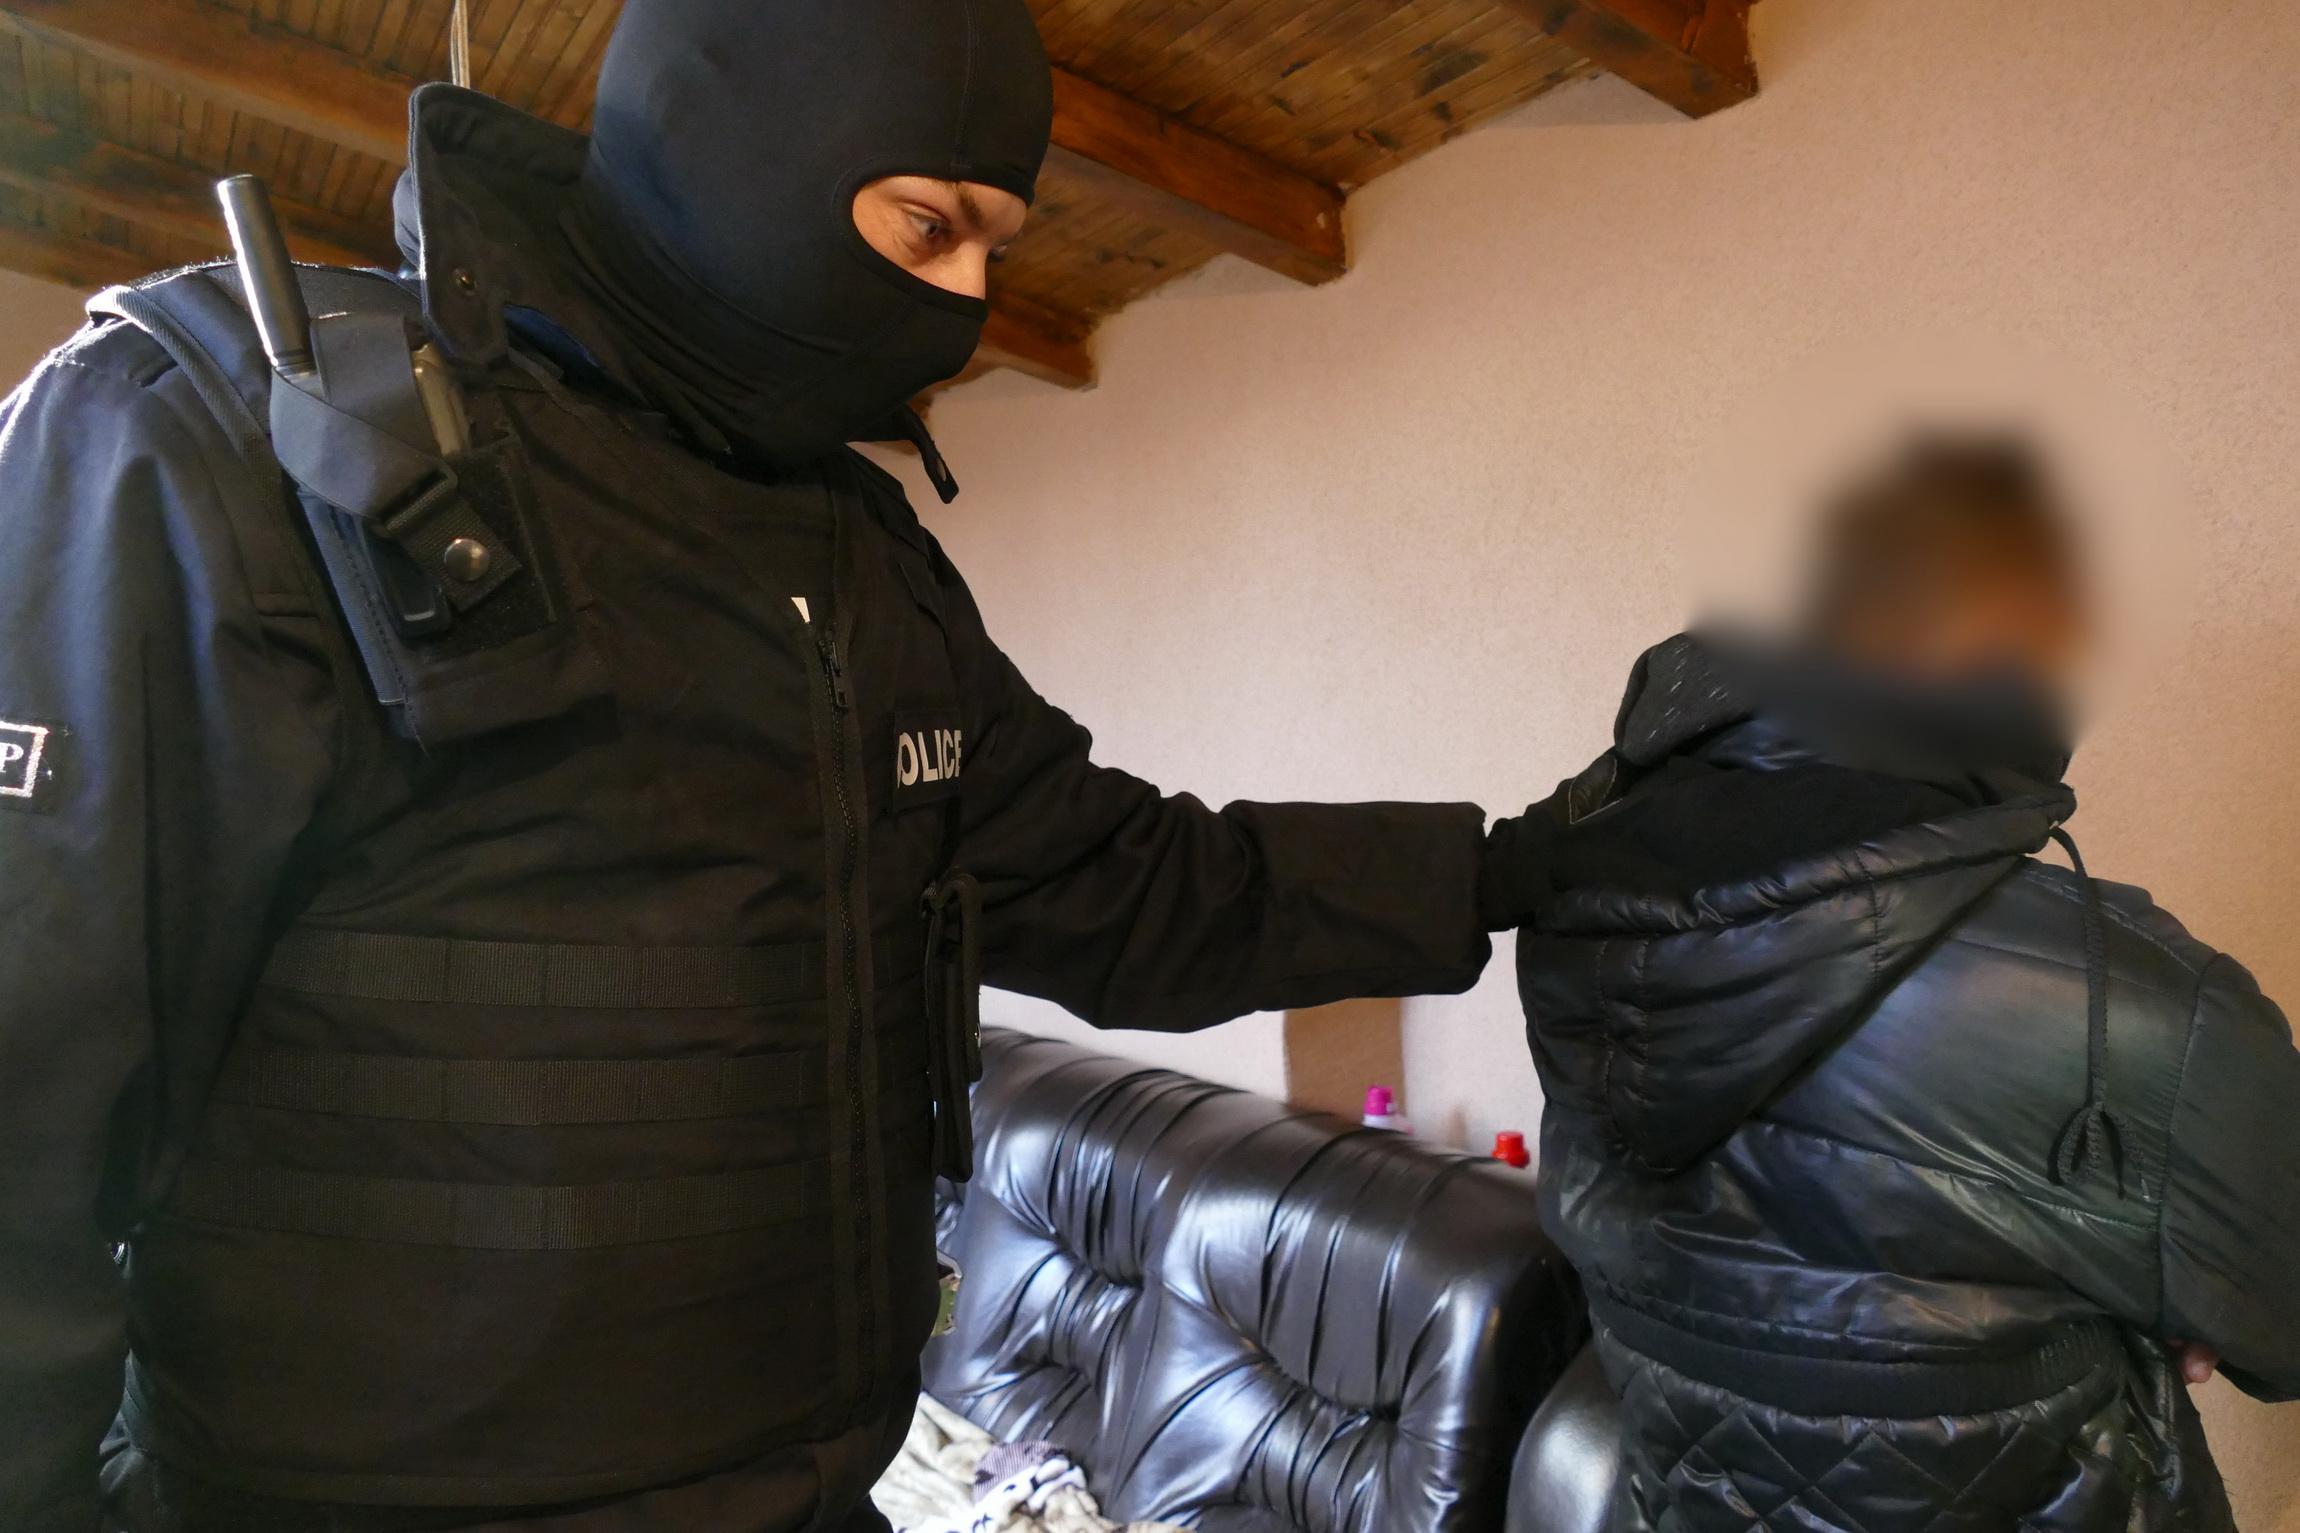 ГДБОП ударила в Казанлък наркоканал за Австрия